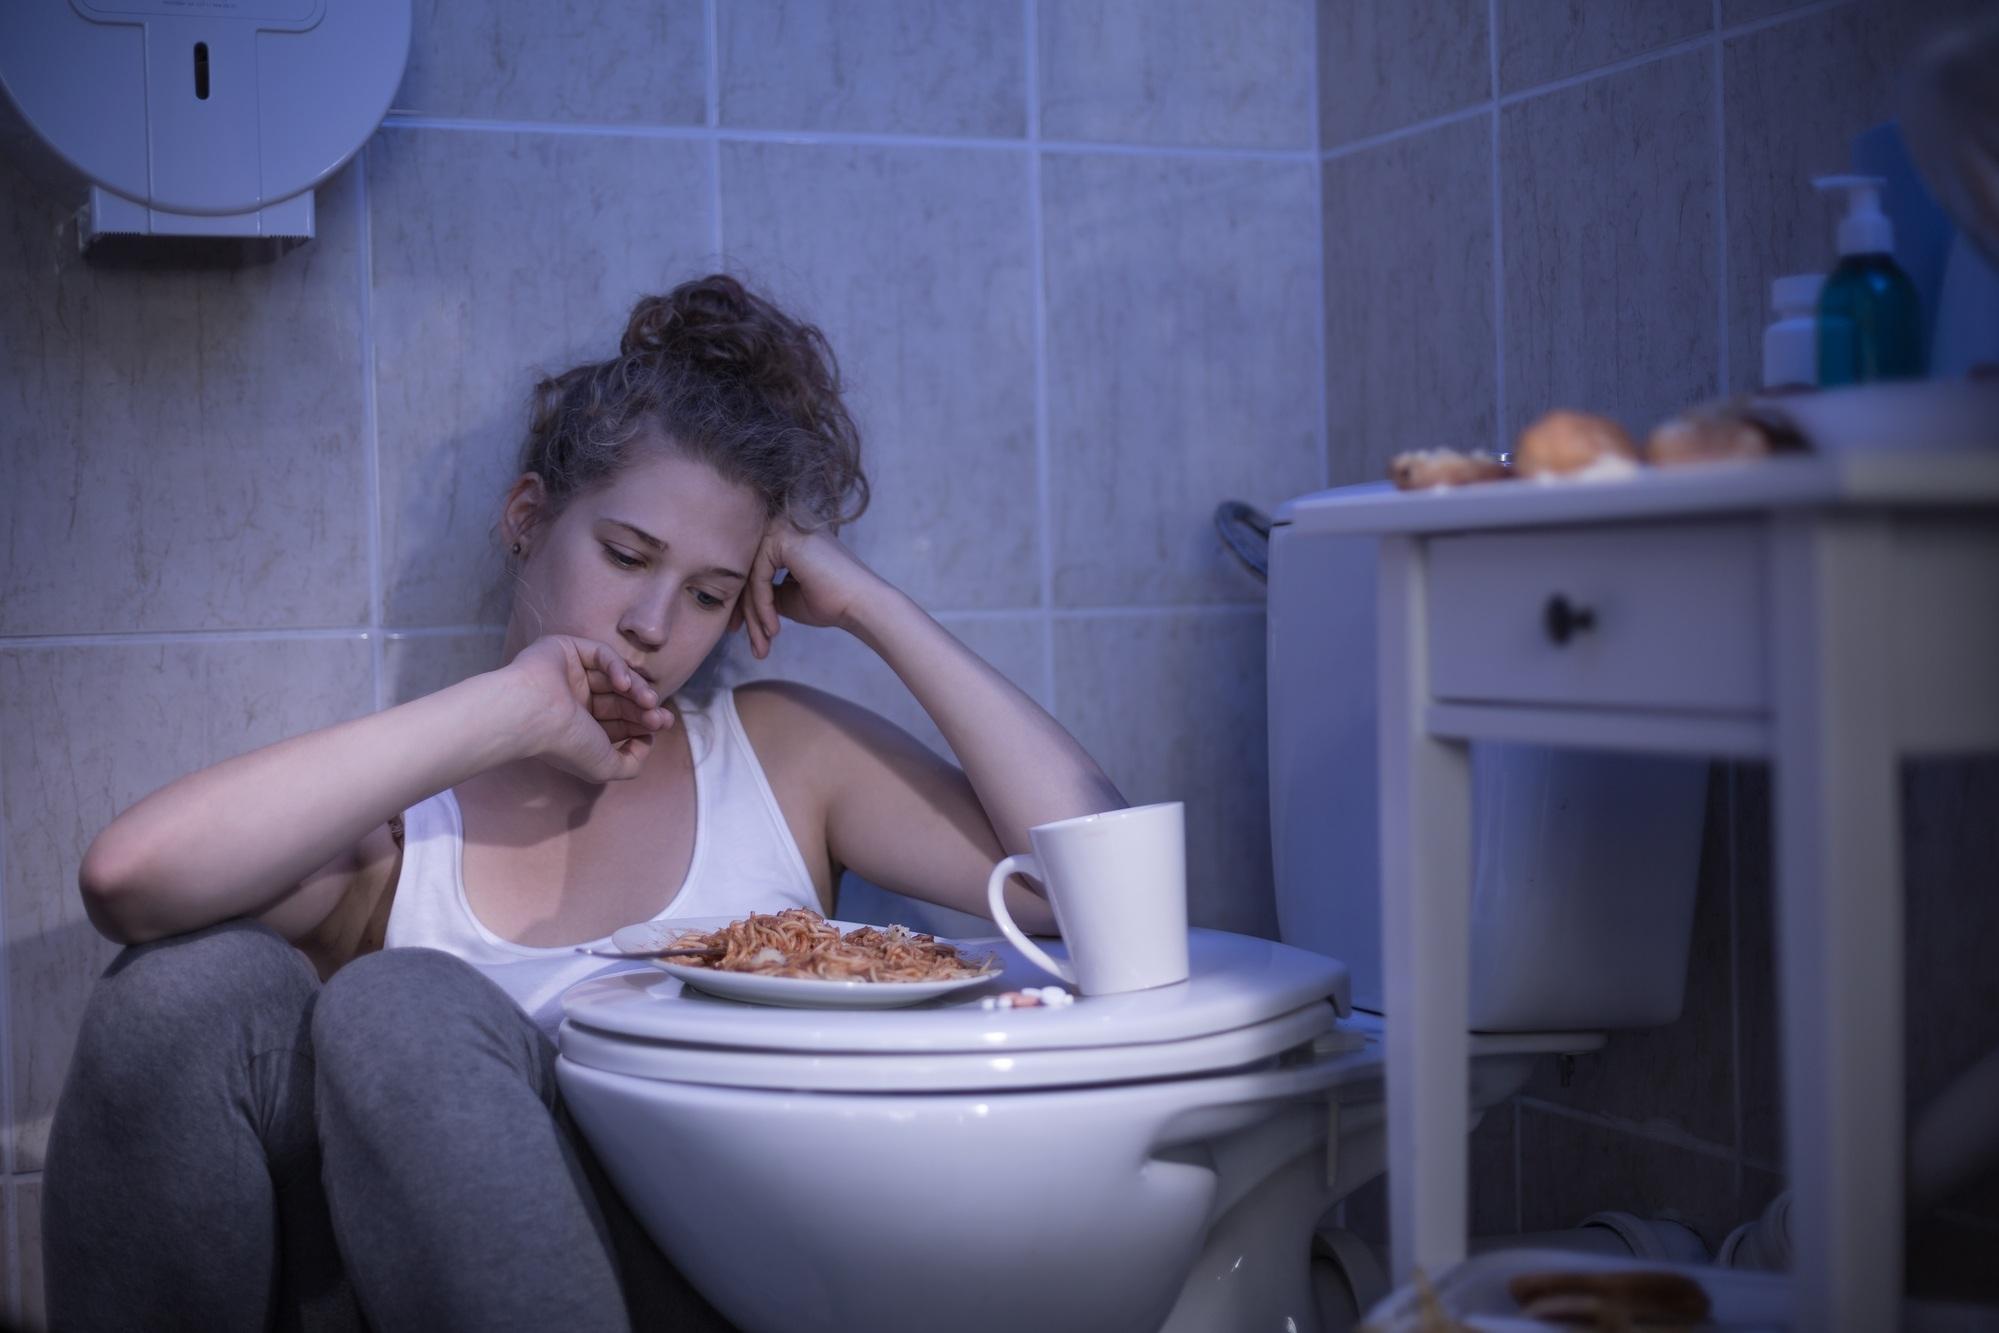 Причины рвоты после принятия пищи